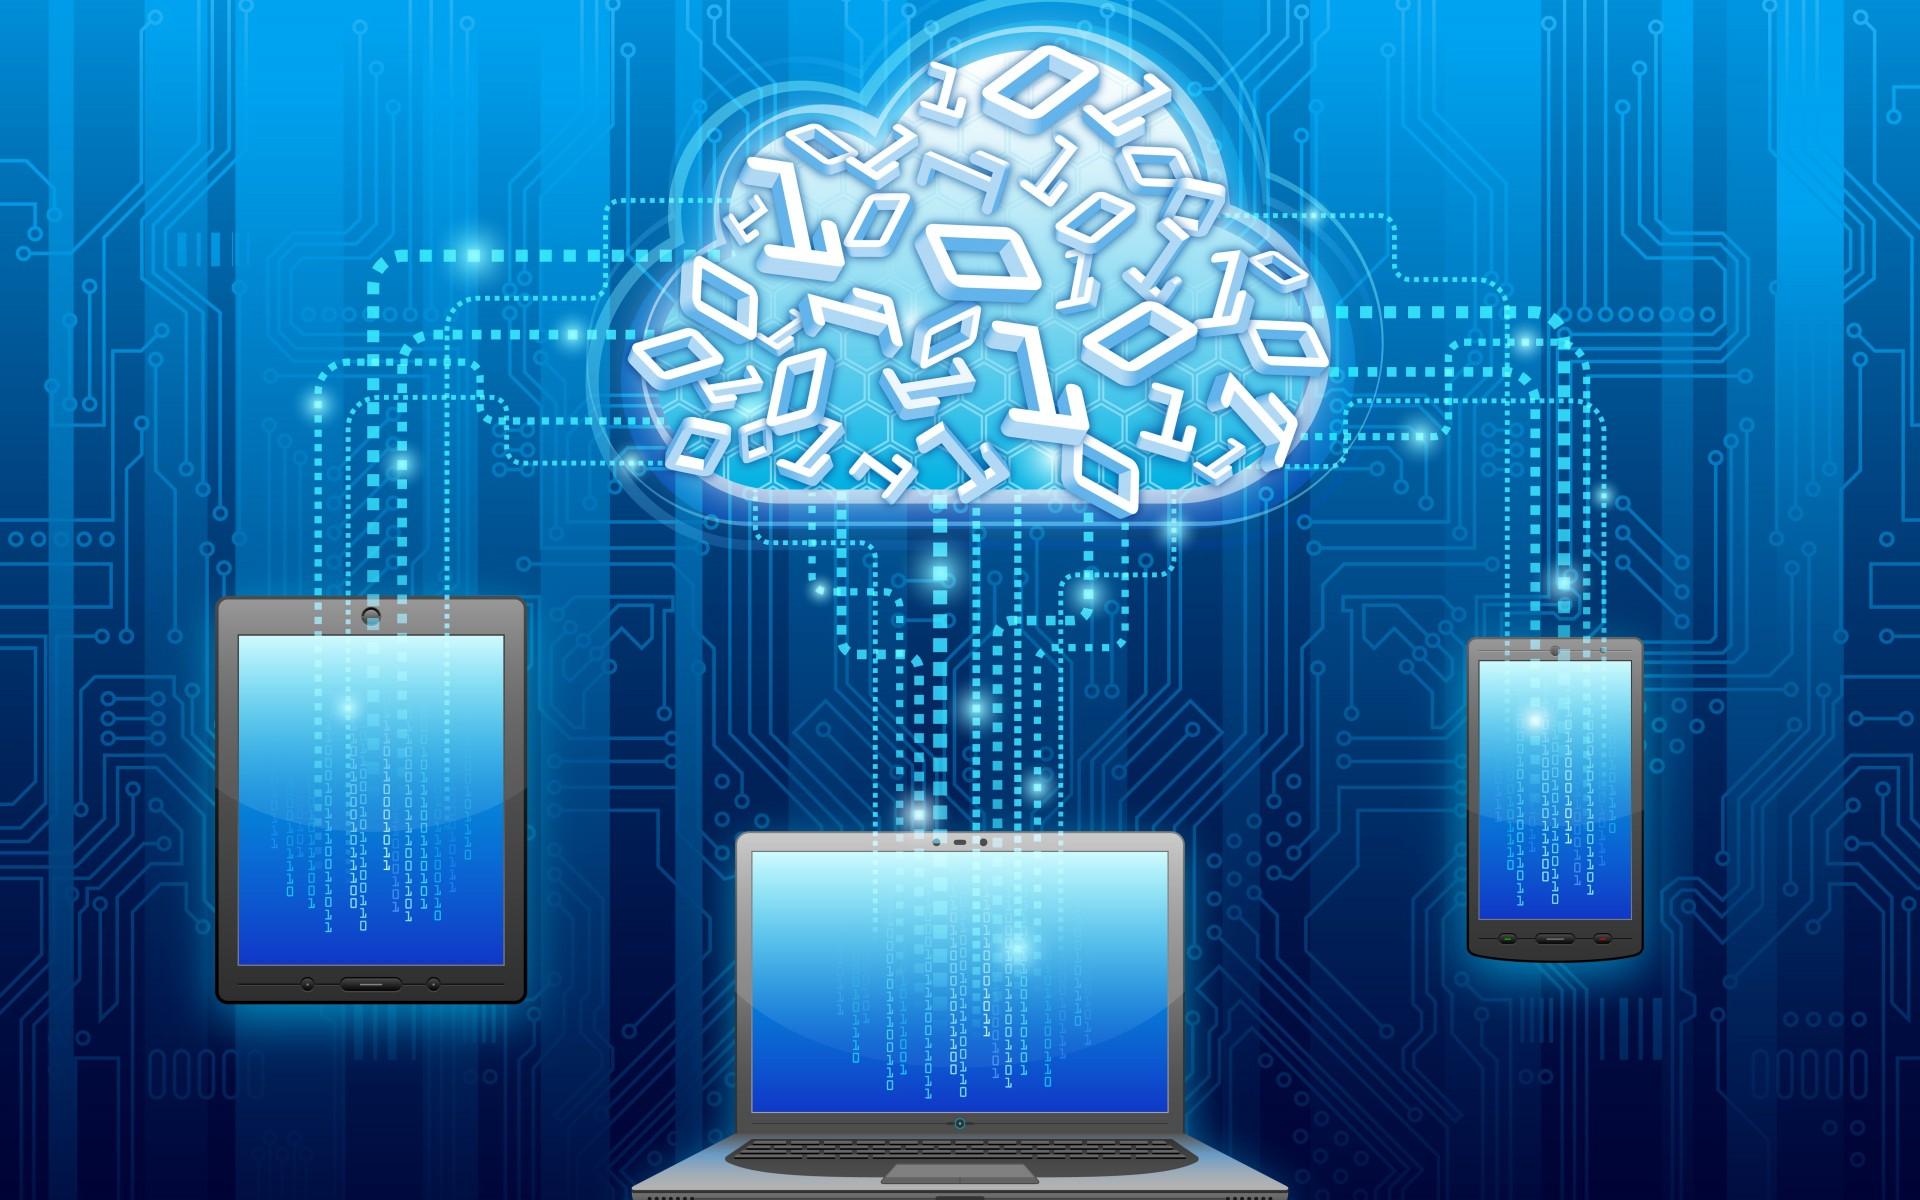 تحضير الوزارة درس التدريب الثالث تطبيق آلة حاسبة بسيطة مادة الحاسب الالي 2 نظام المقررات 1441